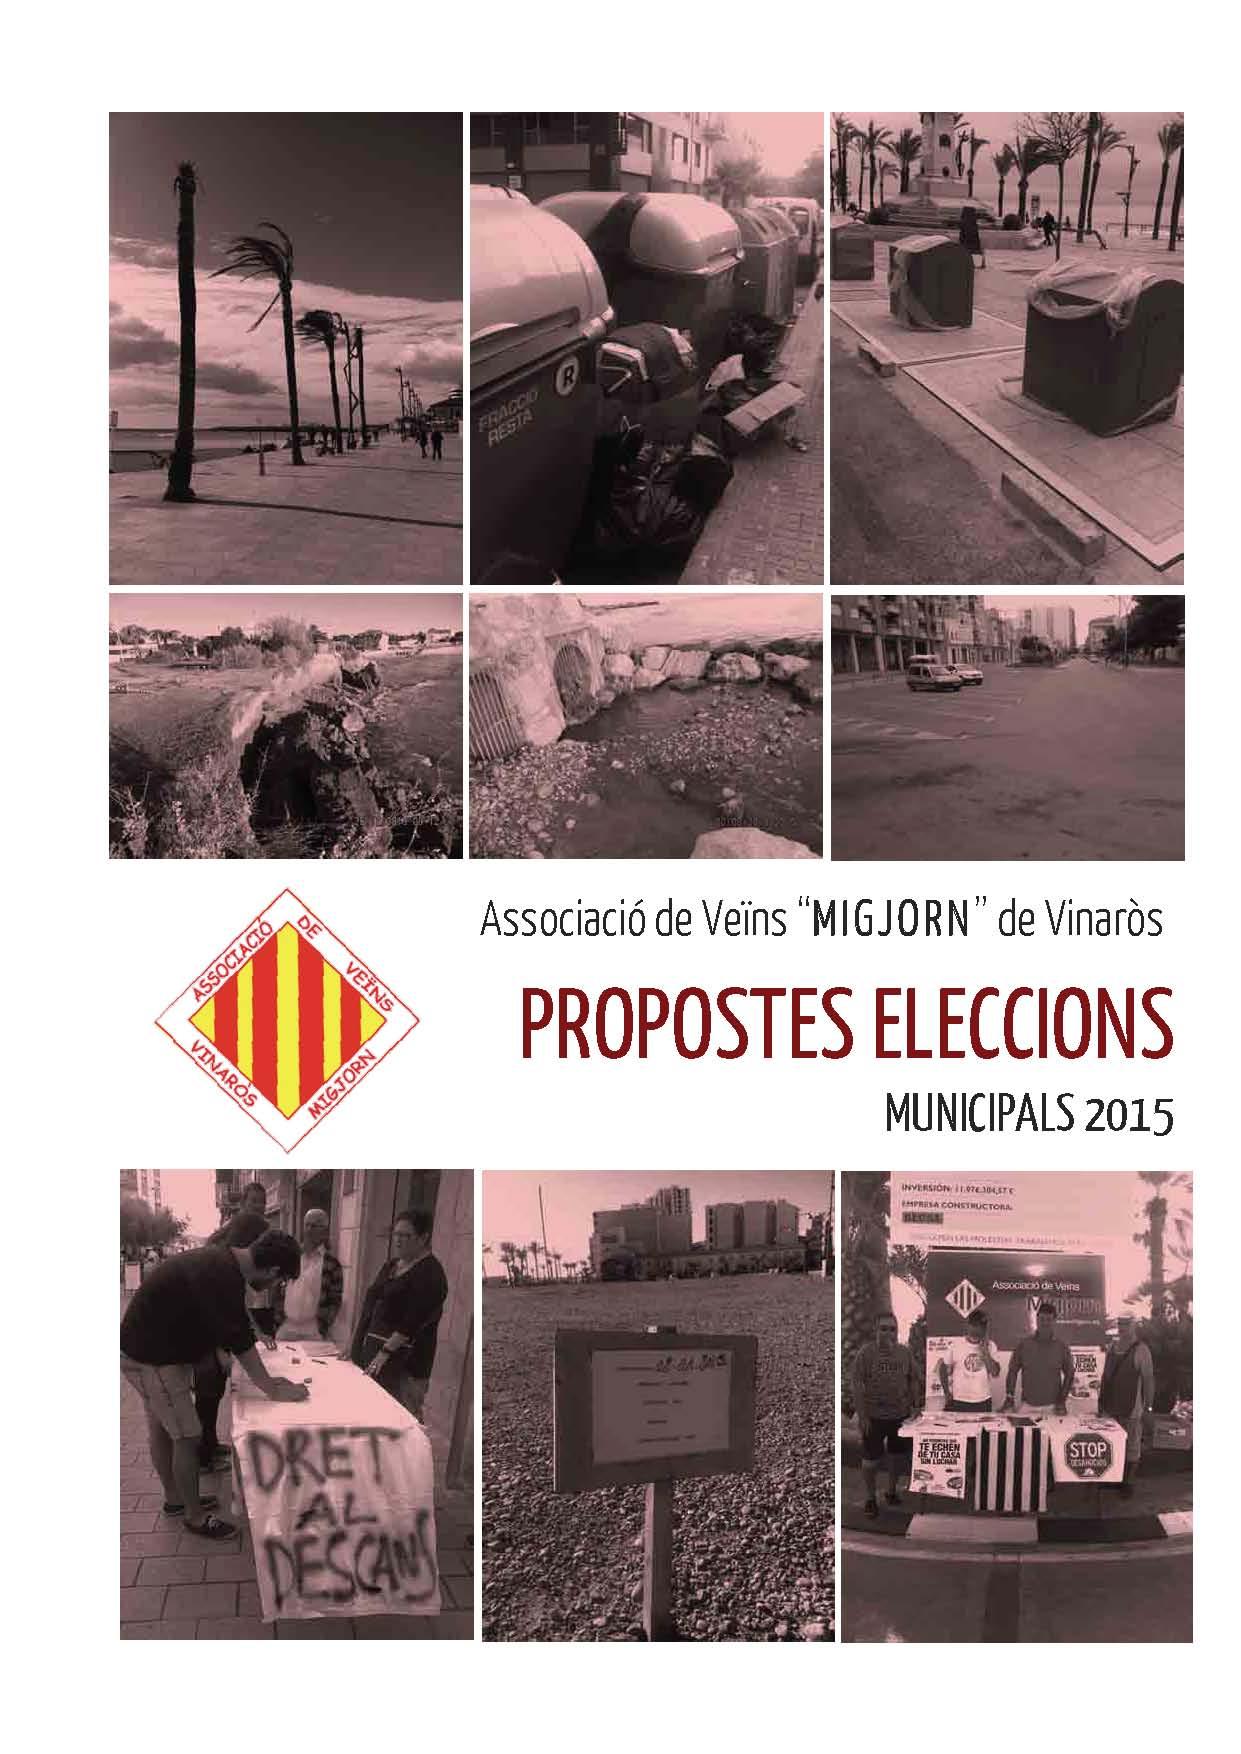 les nostres propostes de cara a les eleccions municipals del 2015